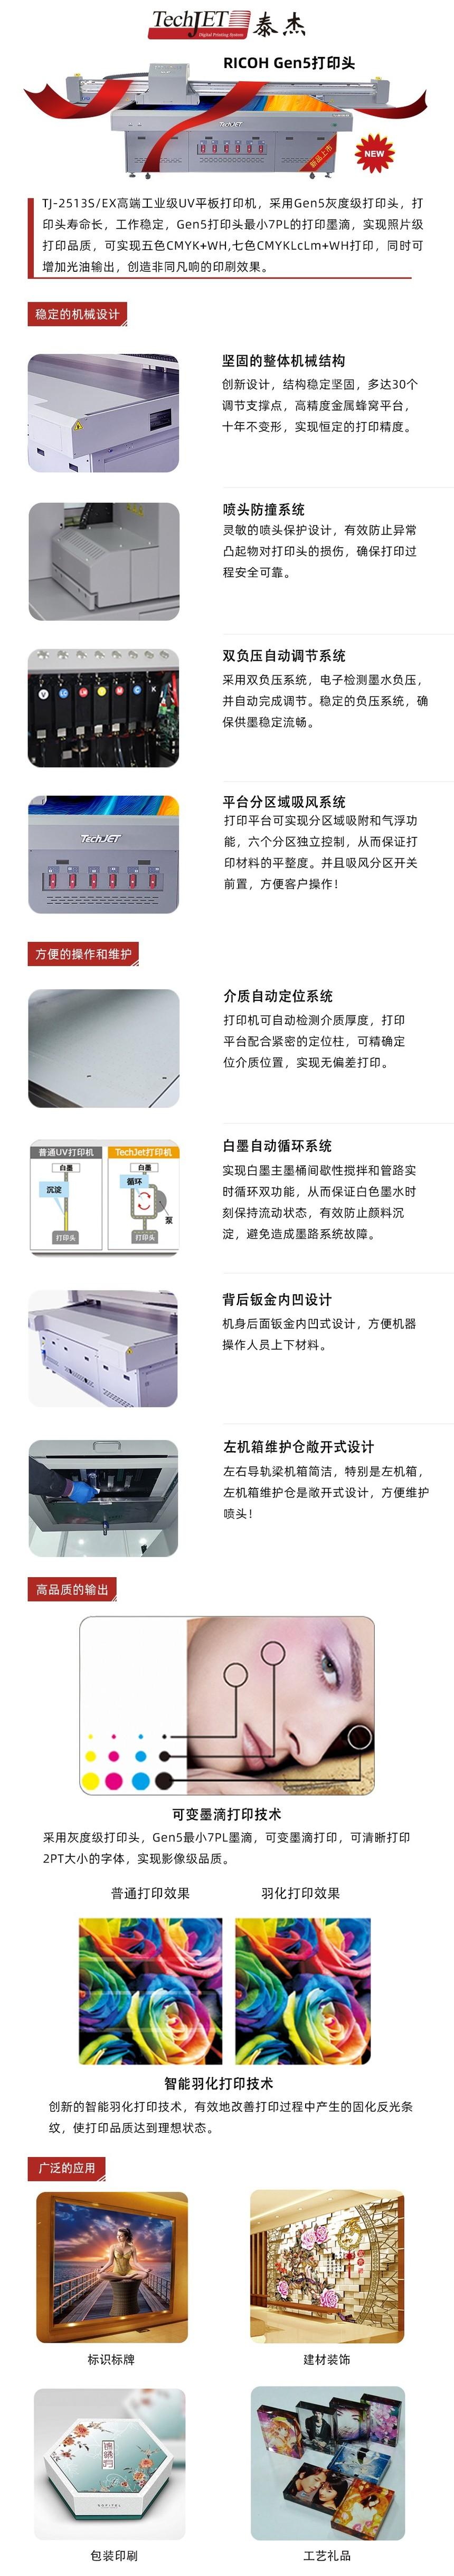 2513SEX中文产品说明微信公众号用.jpg